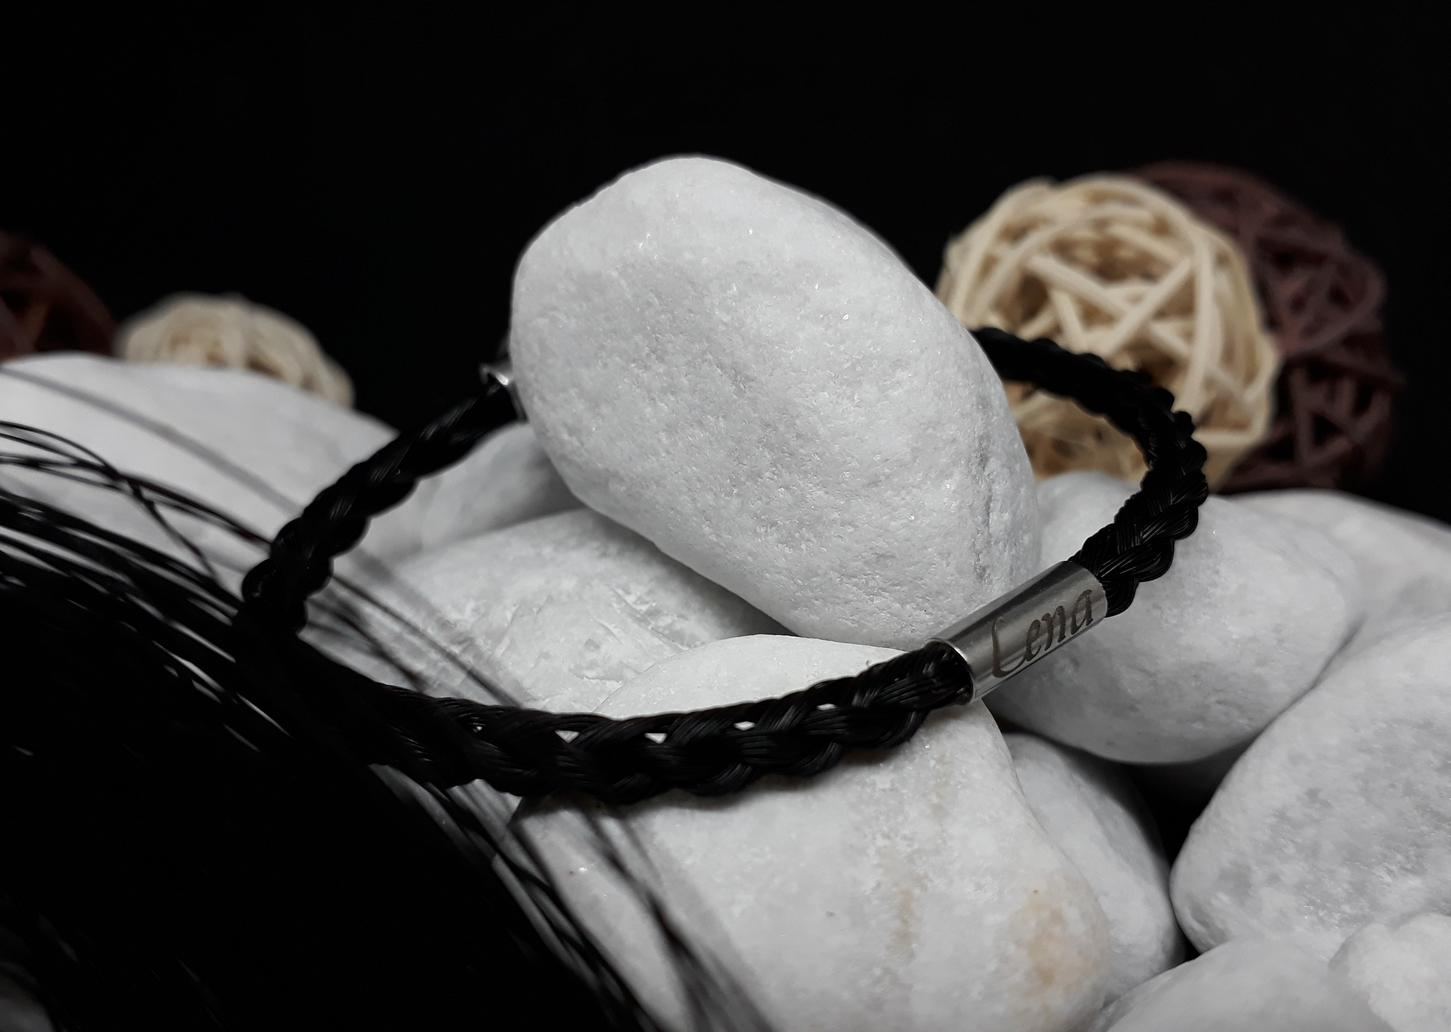 R6-Gravur-Edelstahlhülse (dünn): Rund geflochtenes Armband aus 6 schwarzen Strängen mit einer dünnen Edelstahlhülse mit Gravur - mit Edelstahl-Karabinerverschluss - Preis: 59 Euro